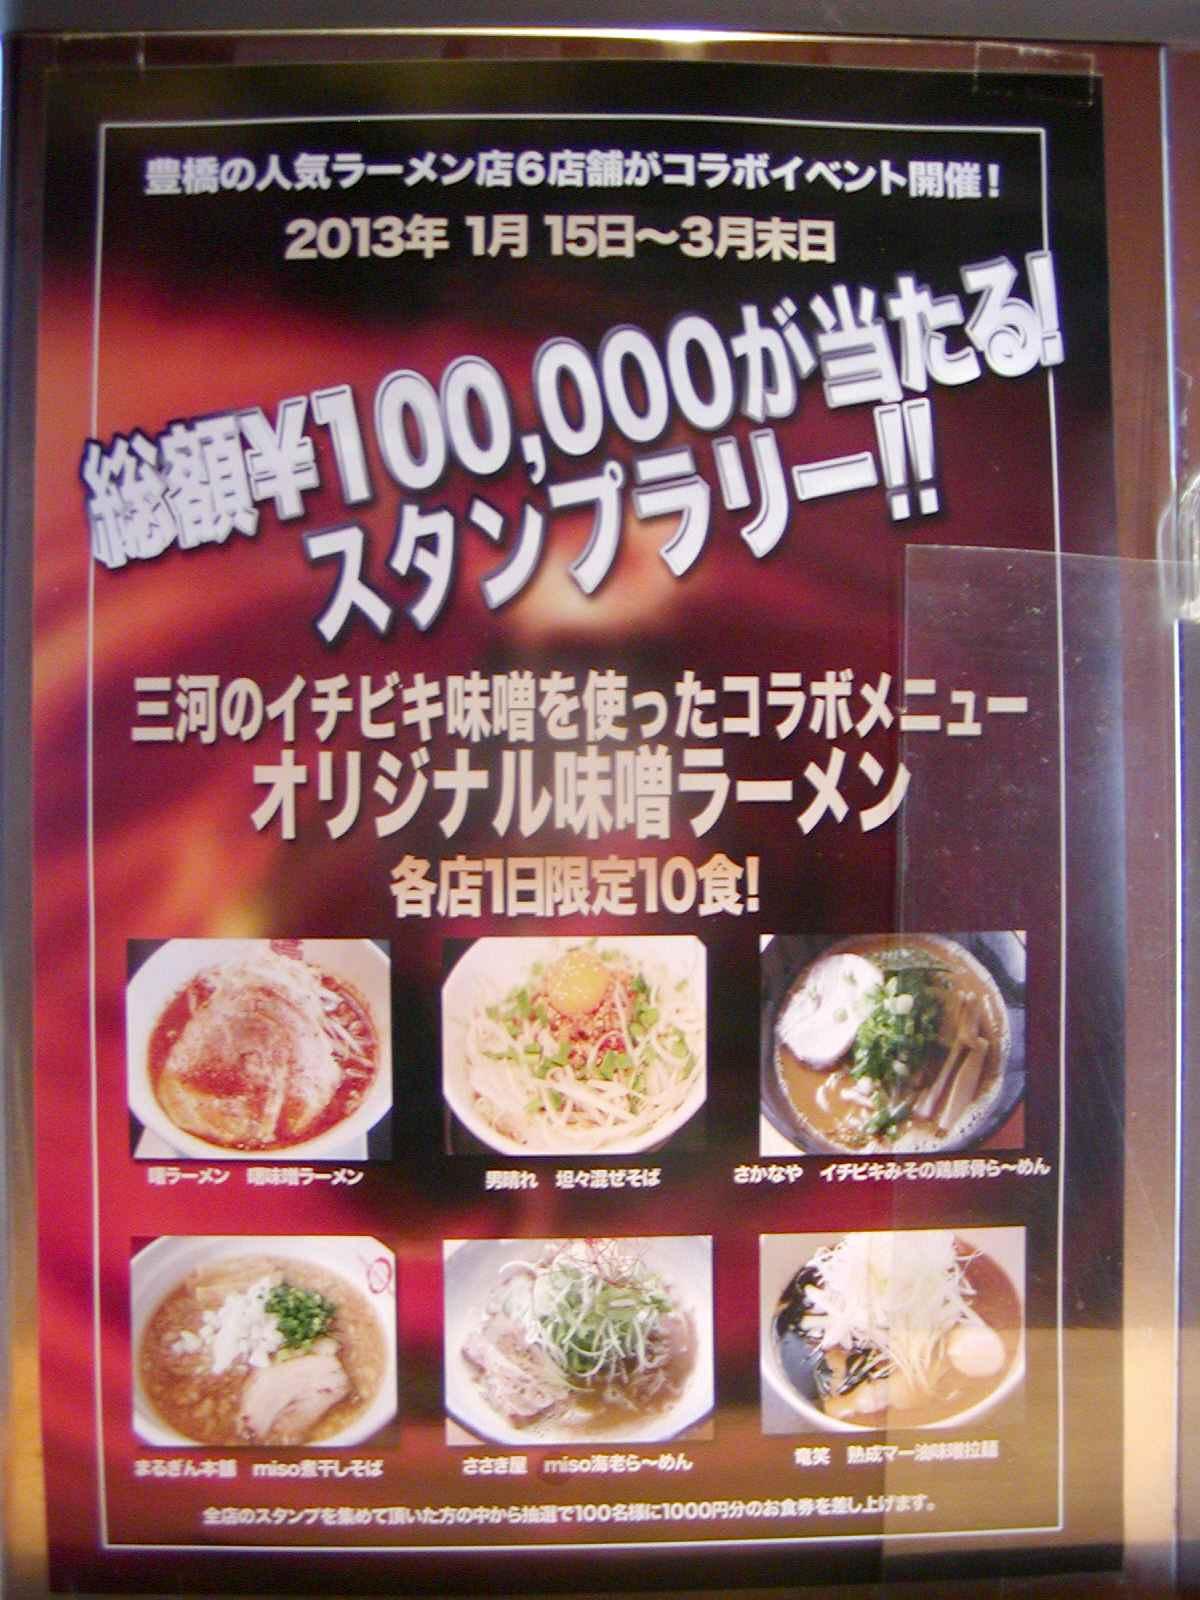 麺の亭 ささき屋【miso海老ら~めん】 @愛知県豊橋市